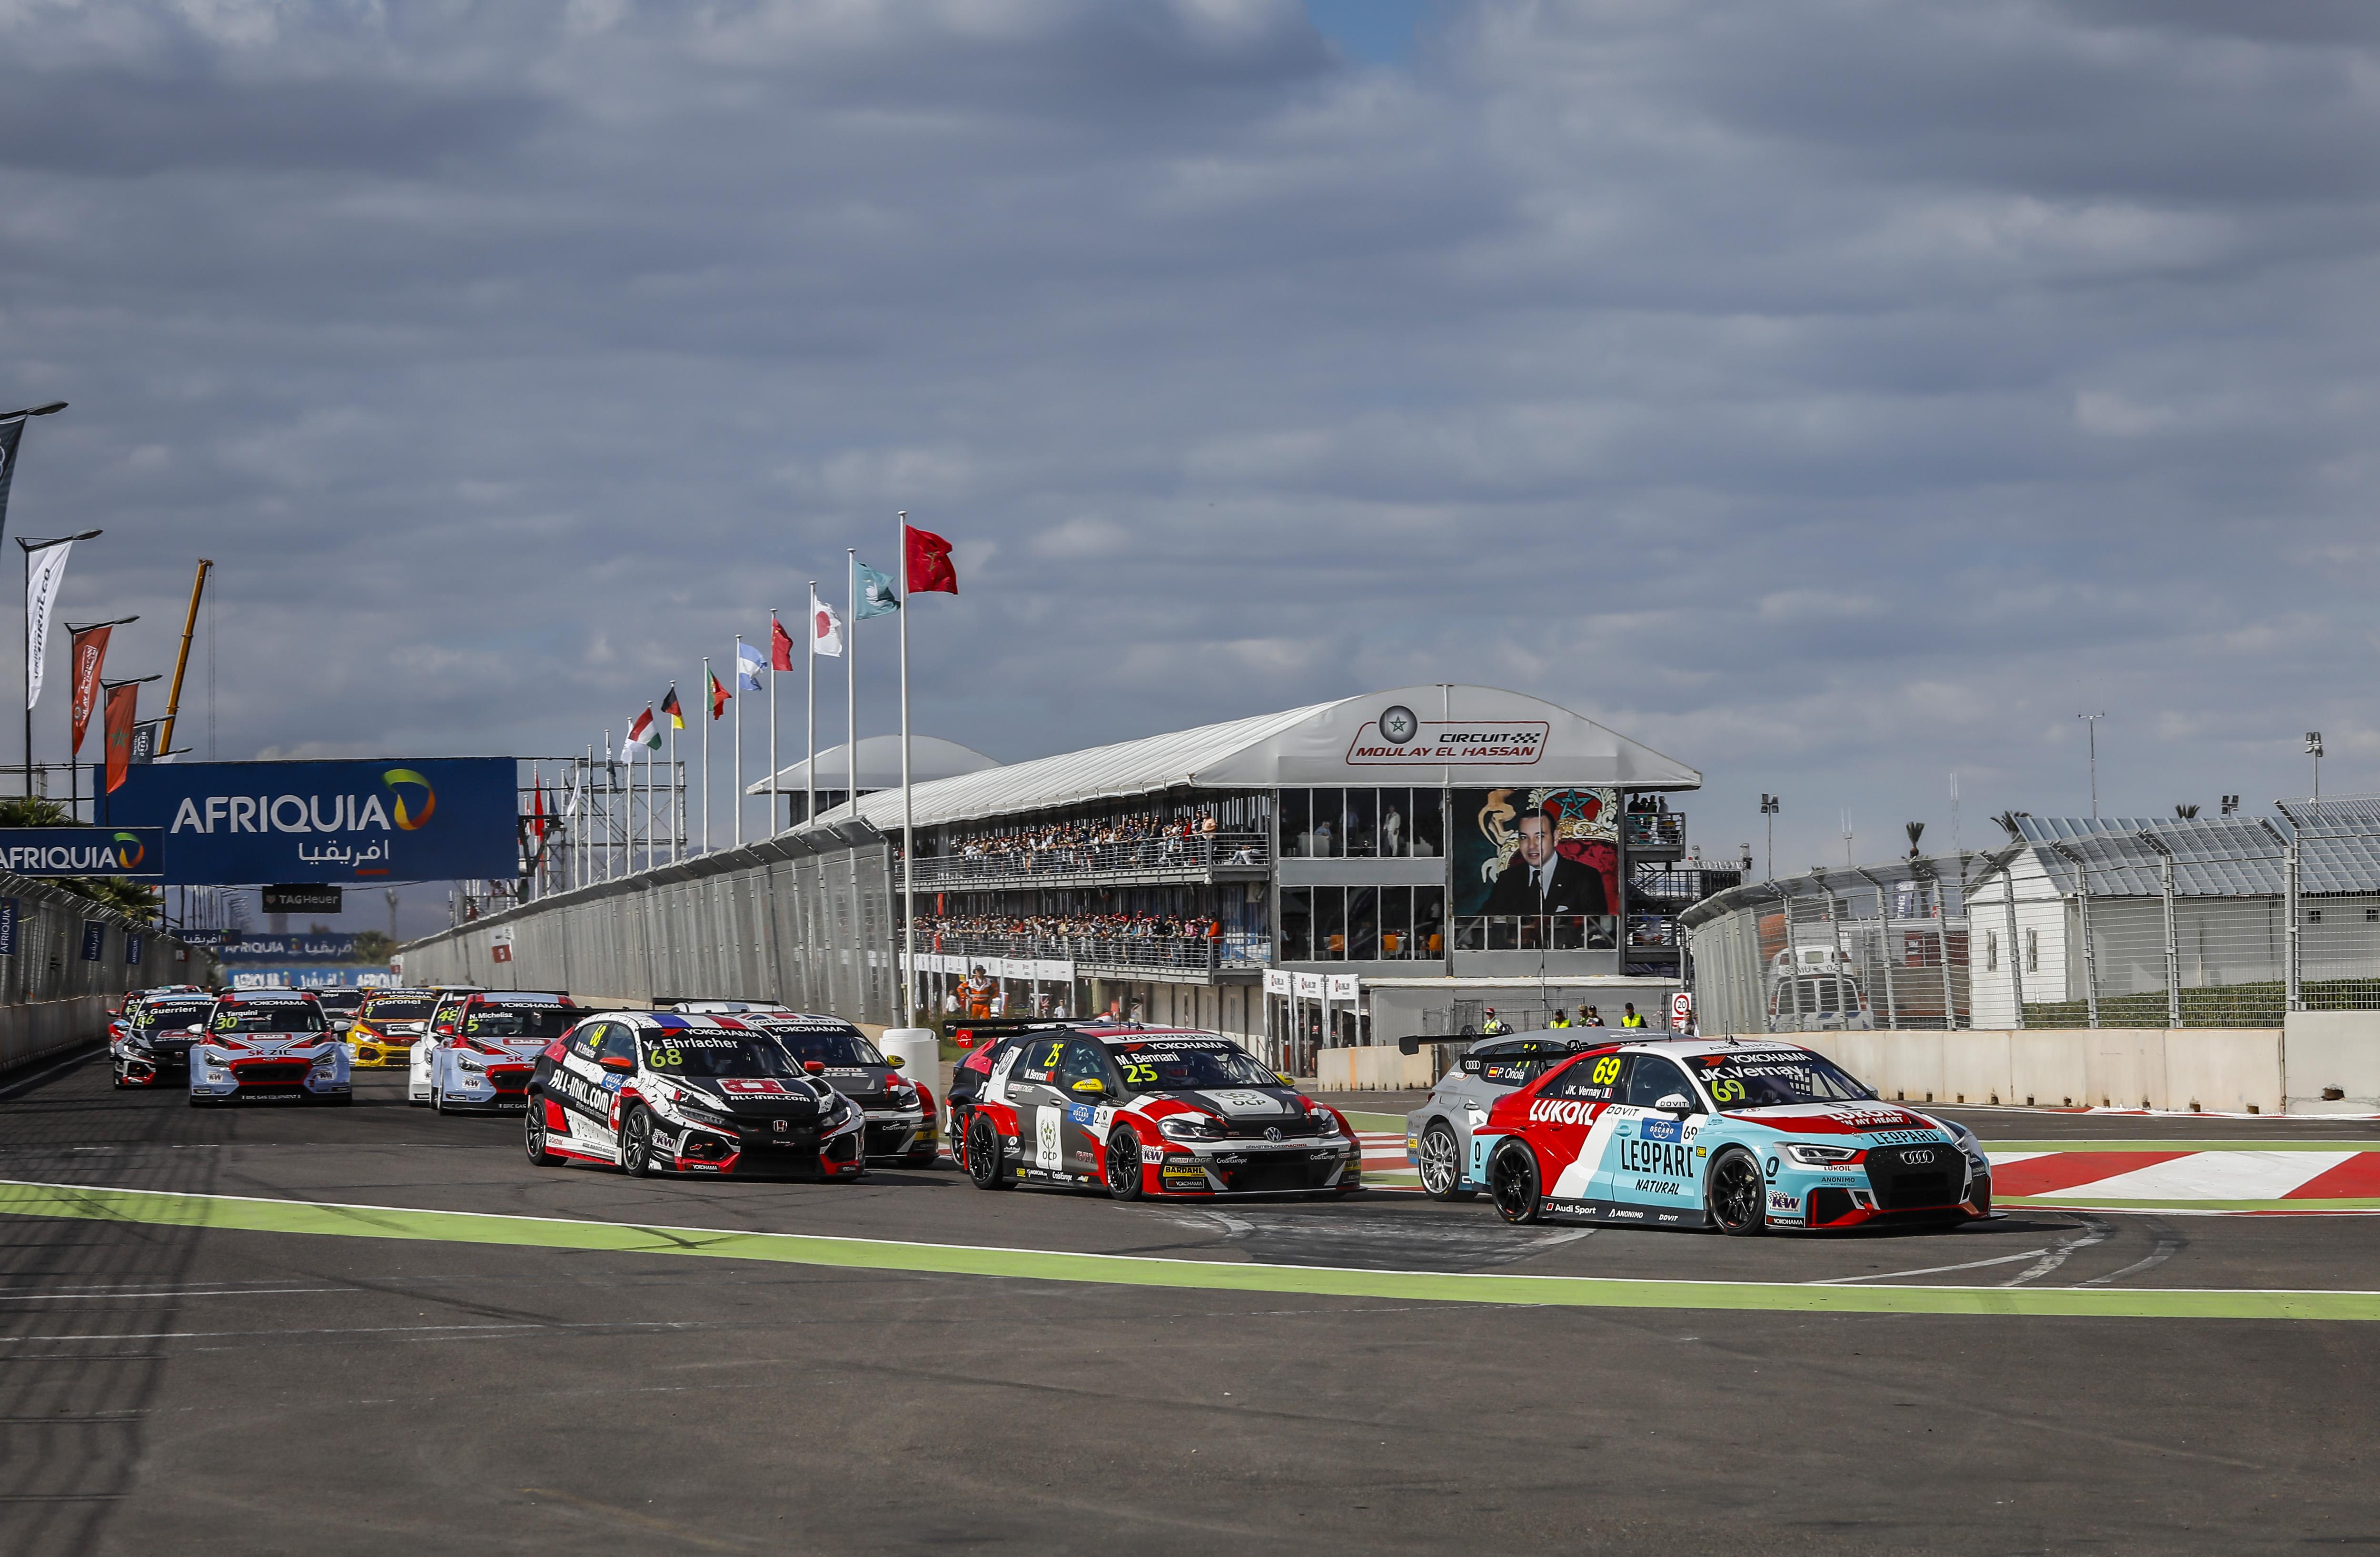 wtcr_race_of_morocco_start_image-jpg.jpg